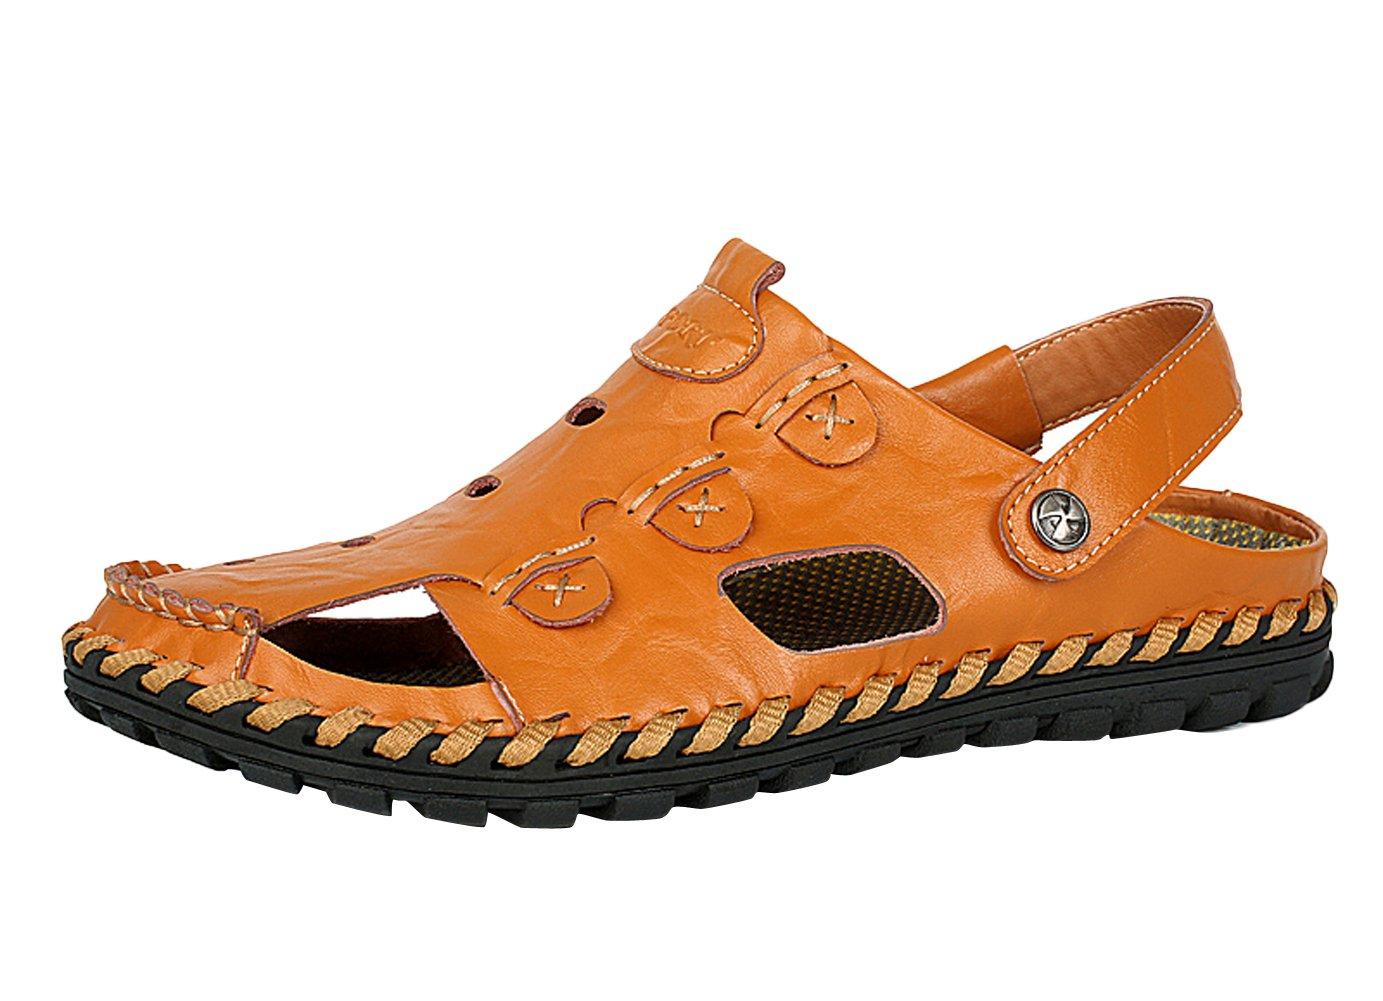 Icegrey - Sandalias Hombre 41 EU|amarillo Zapatos de moda en línea Obtenga el mejor descuento de venta caliente-Descuento más grande